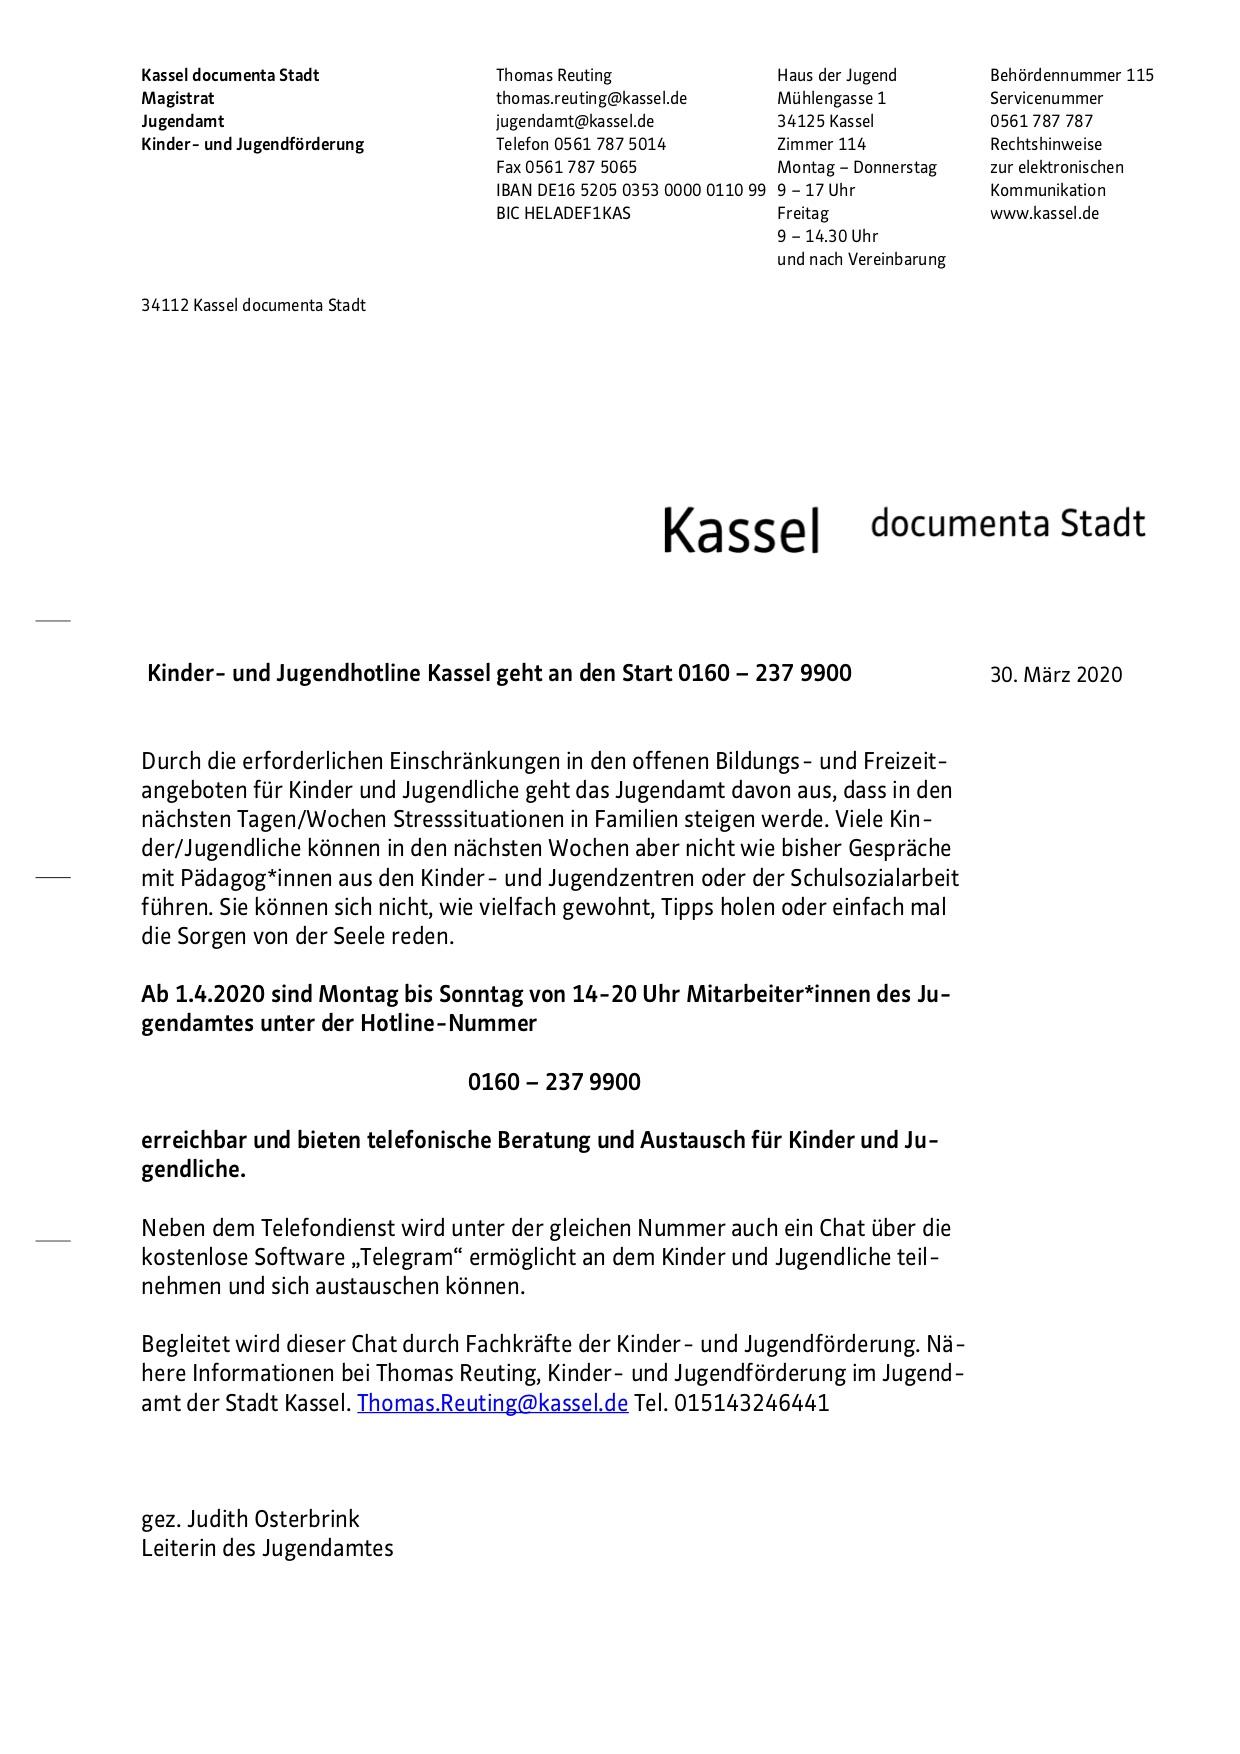 Kinder- und Jugendhotline der Stadt Kassel